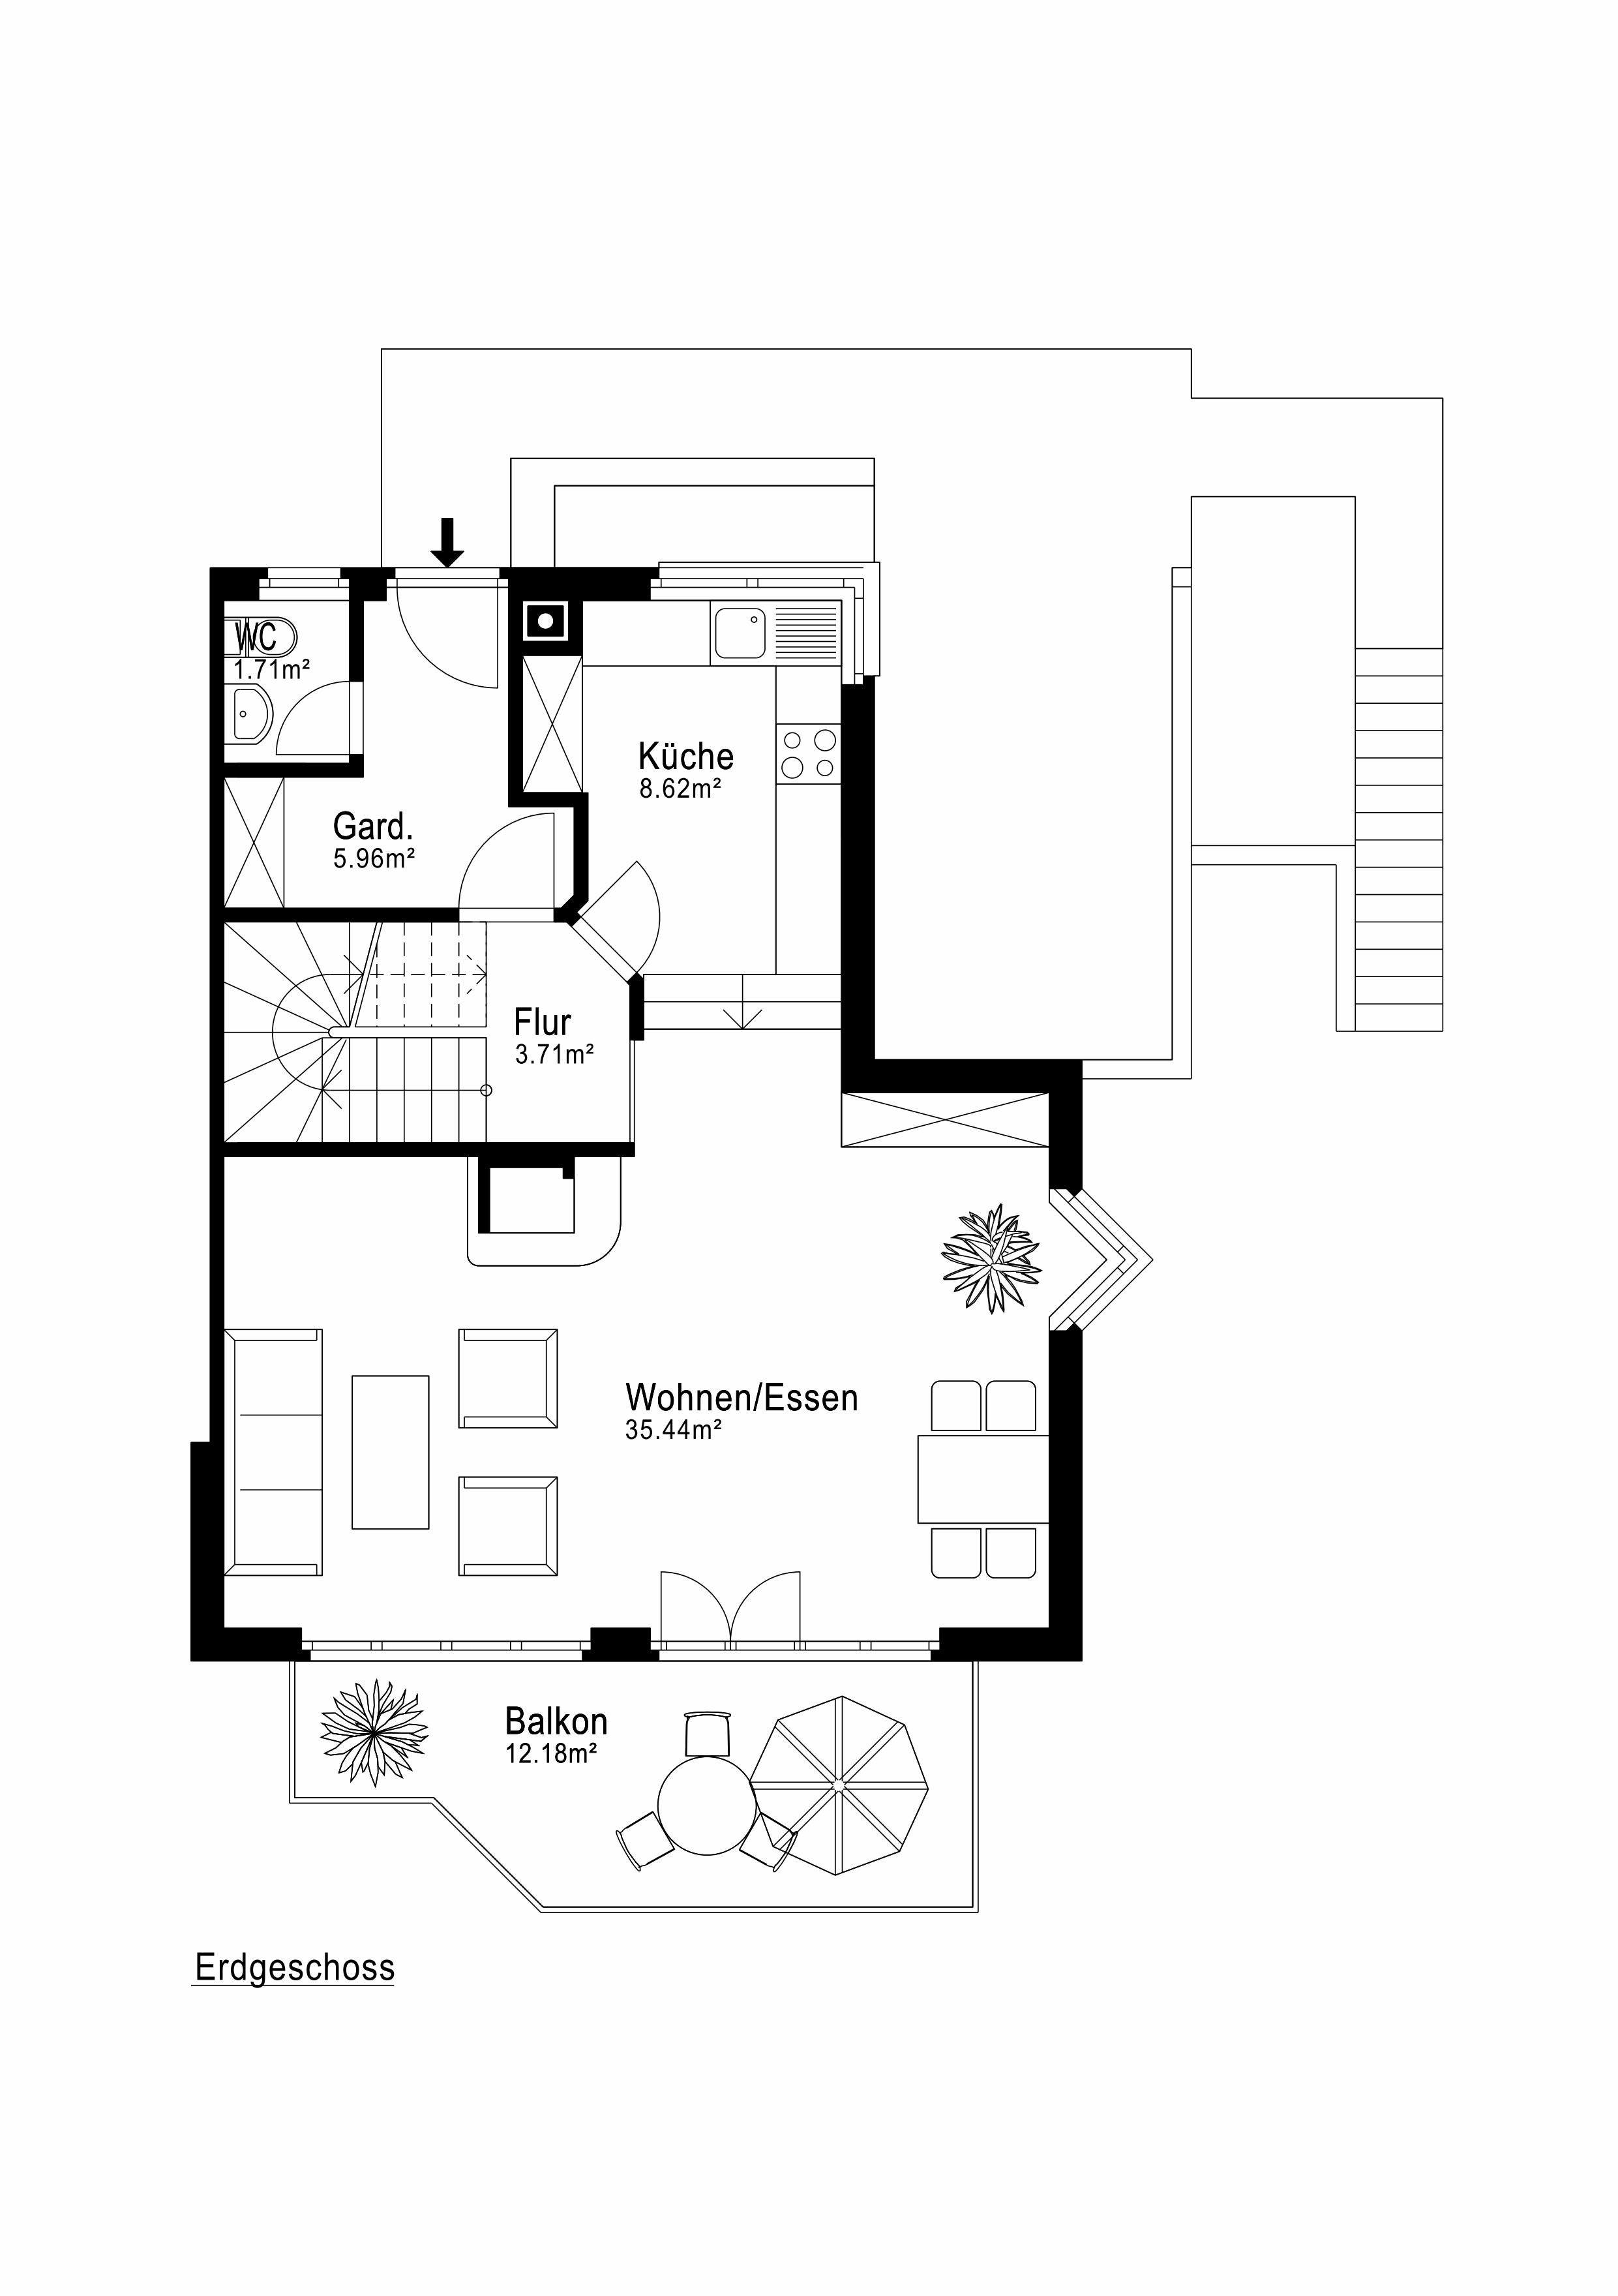 19_Obersee_Immobilien_Erdgeschoss